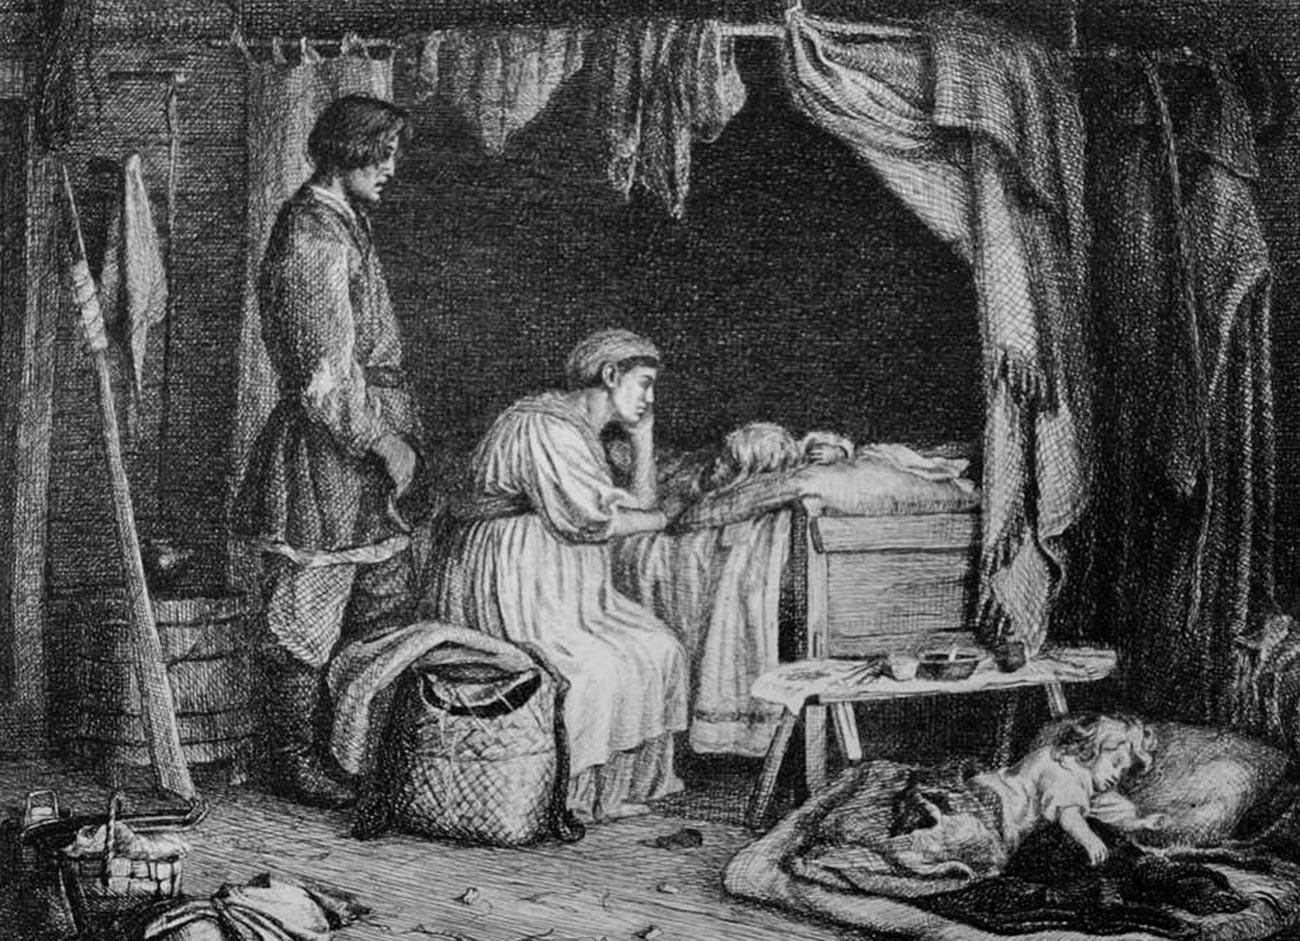 La maggior parte delle famiglie contadine in Russia era terribilmente povera. Nascevano molti bambini, ma buona parte moriva nei primi anni di vita